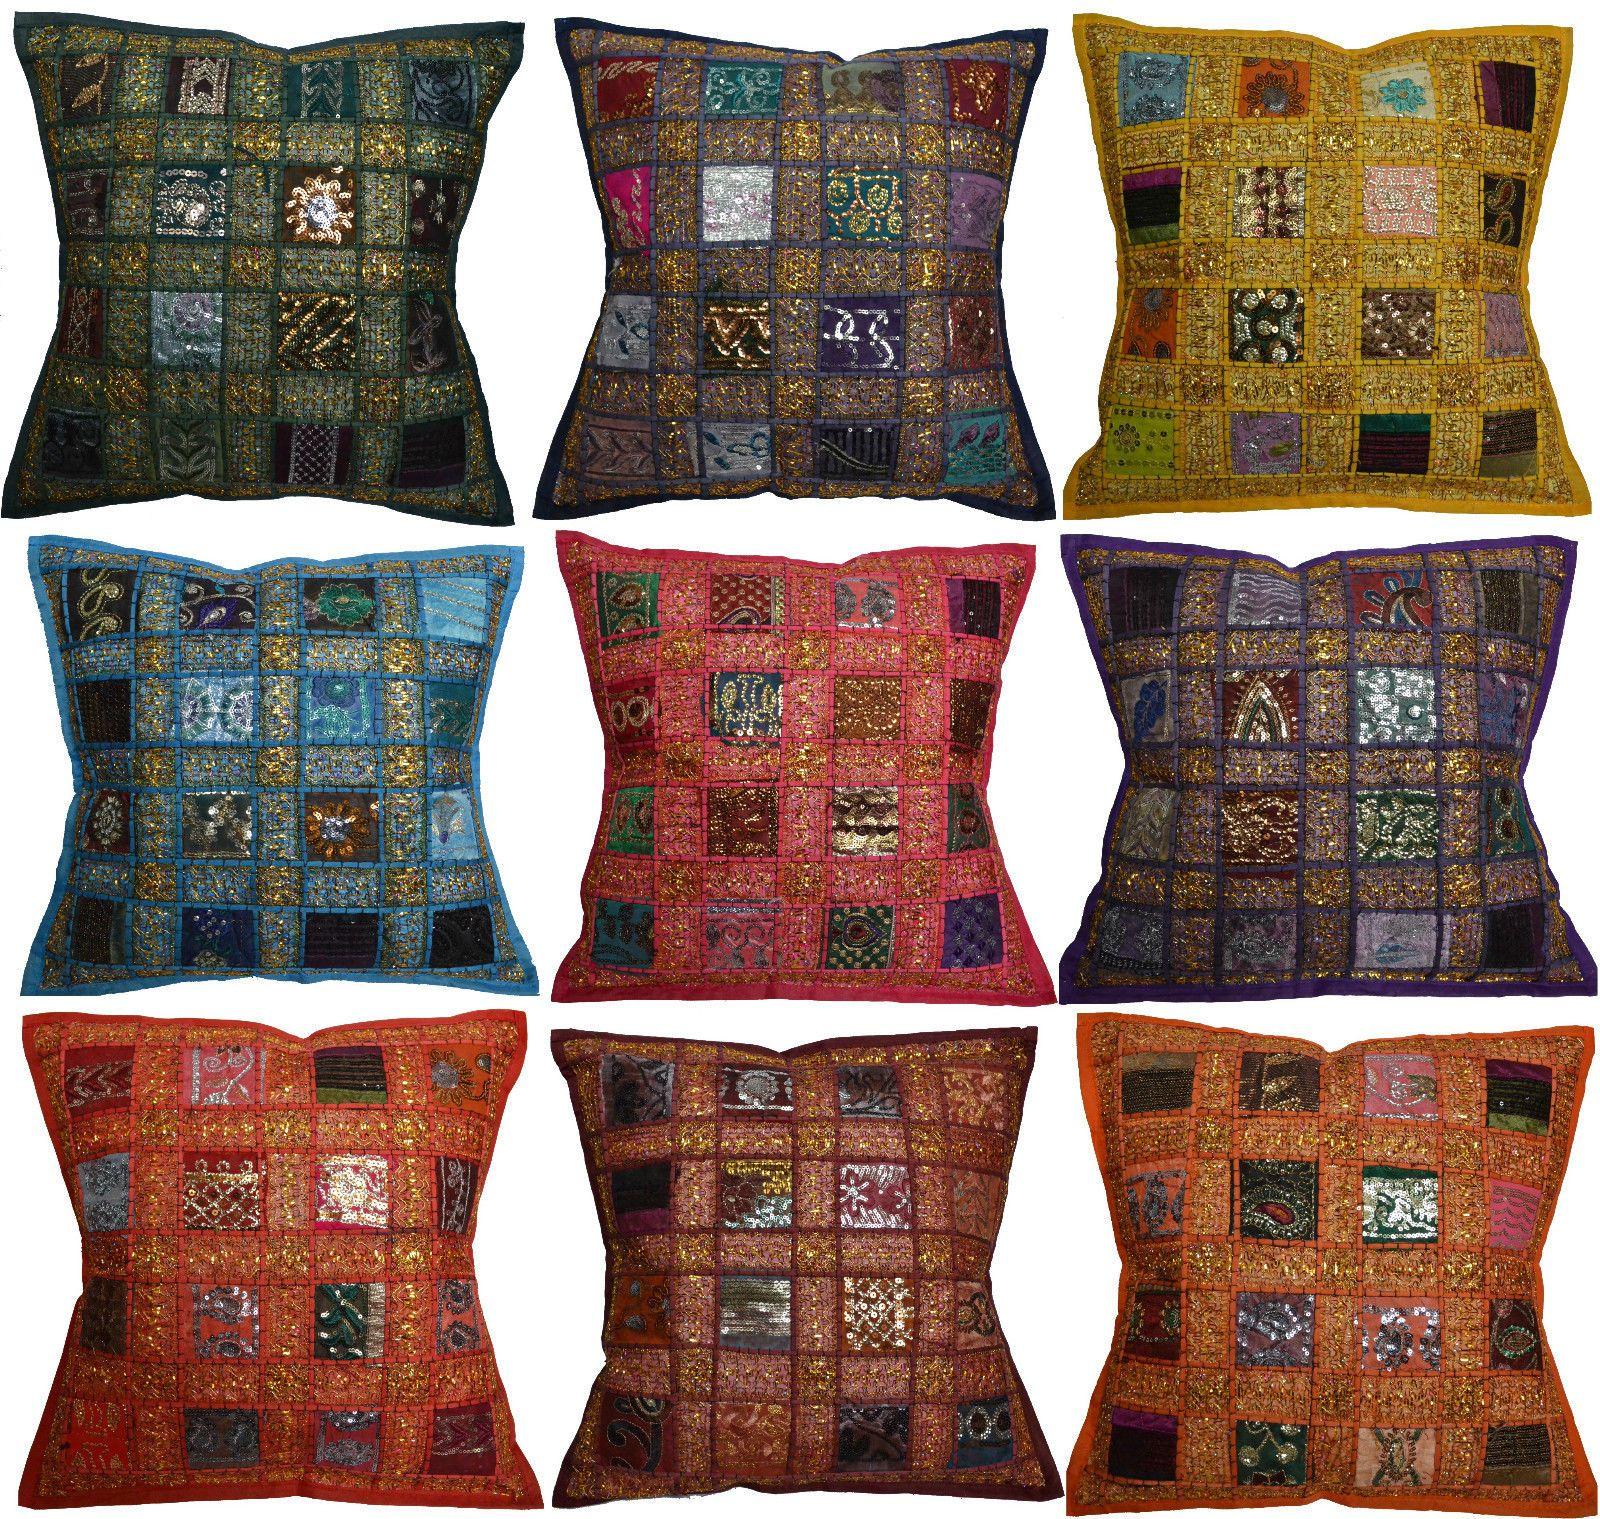 Funda de coj n bordado sari reciclado estilo estilo indio marroqu 40cm ebay bohemio - Cojines indios ...